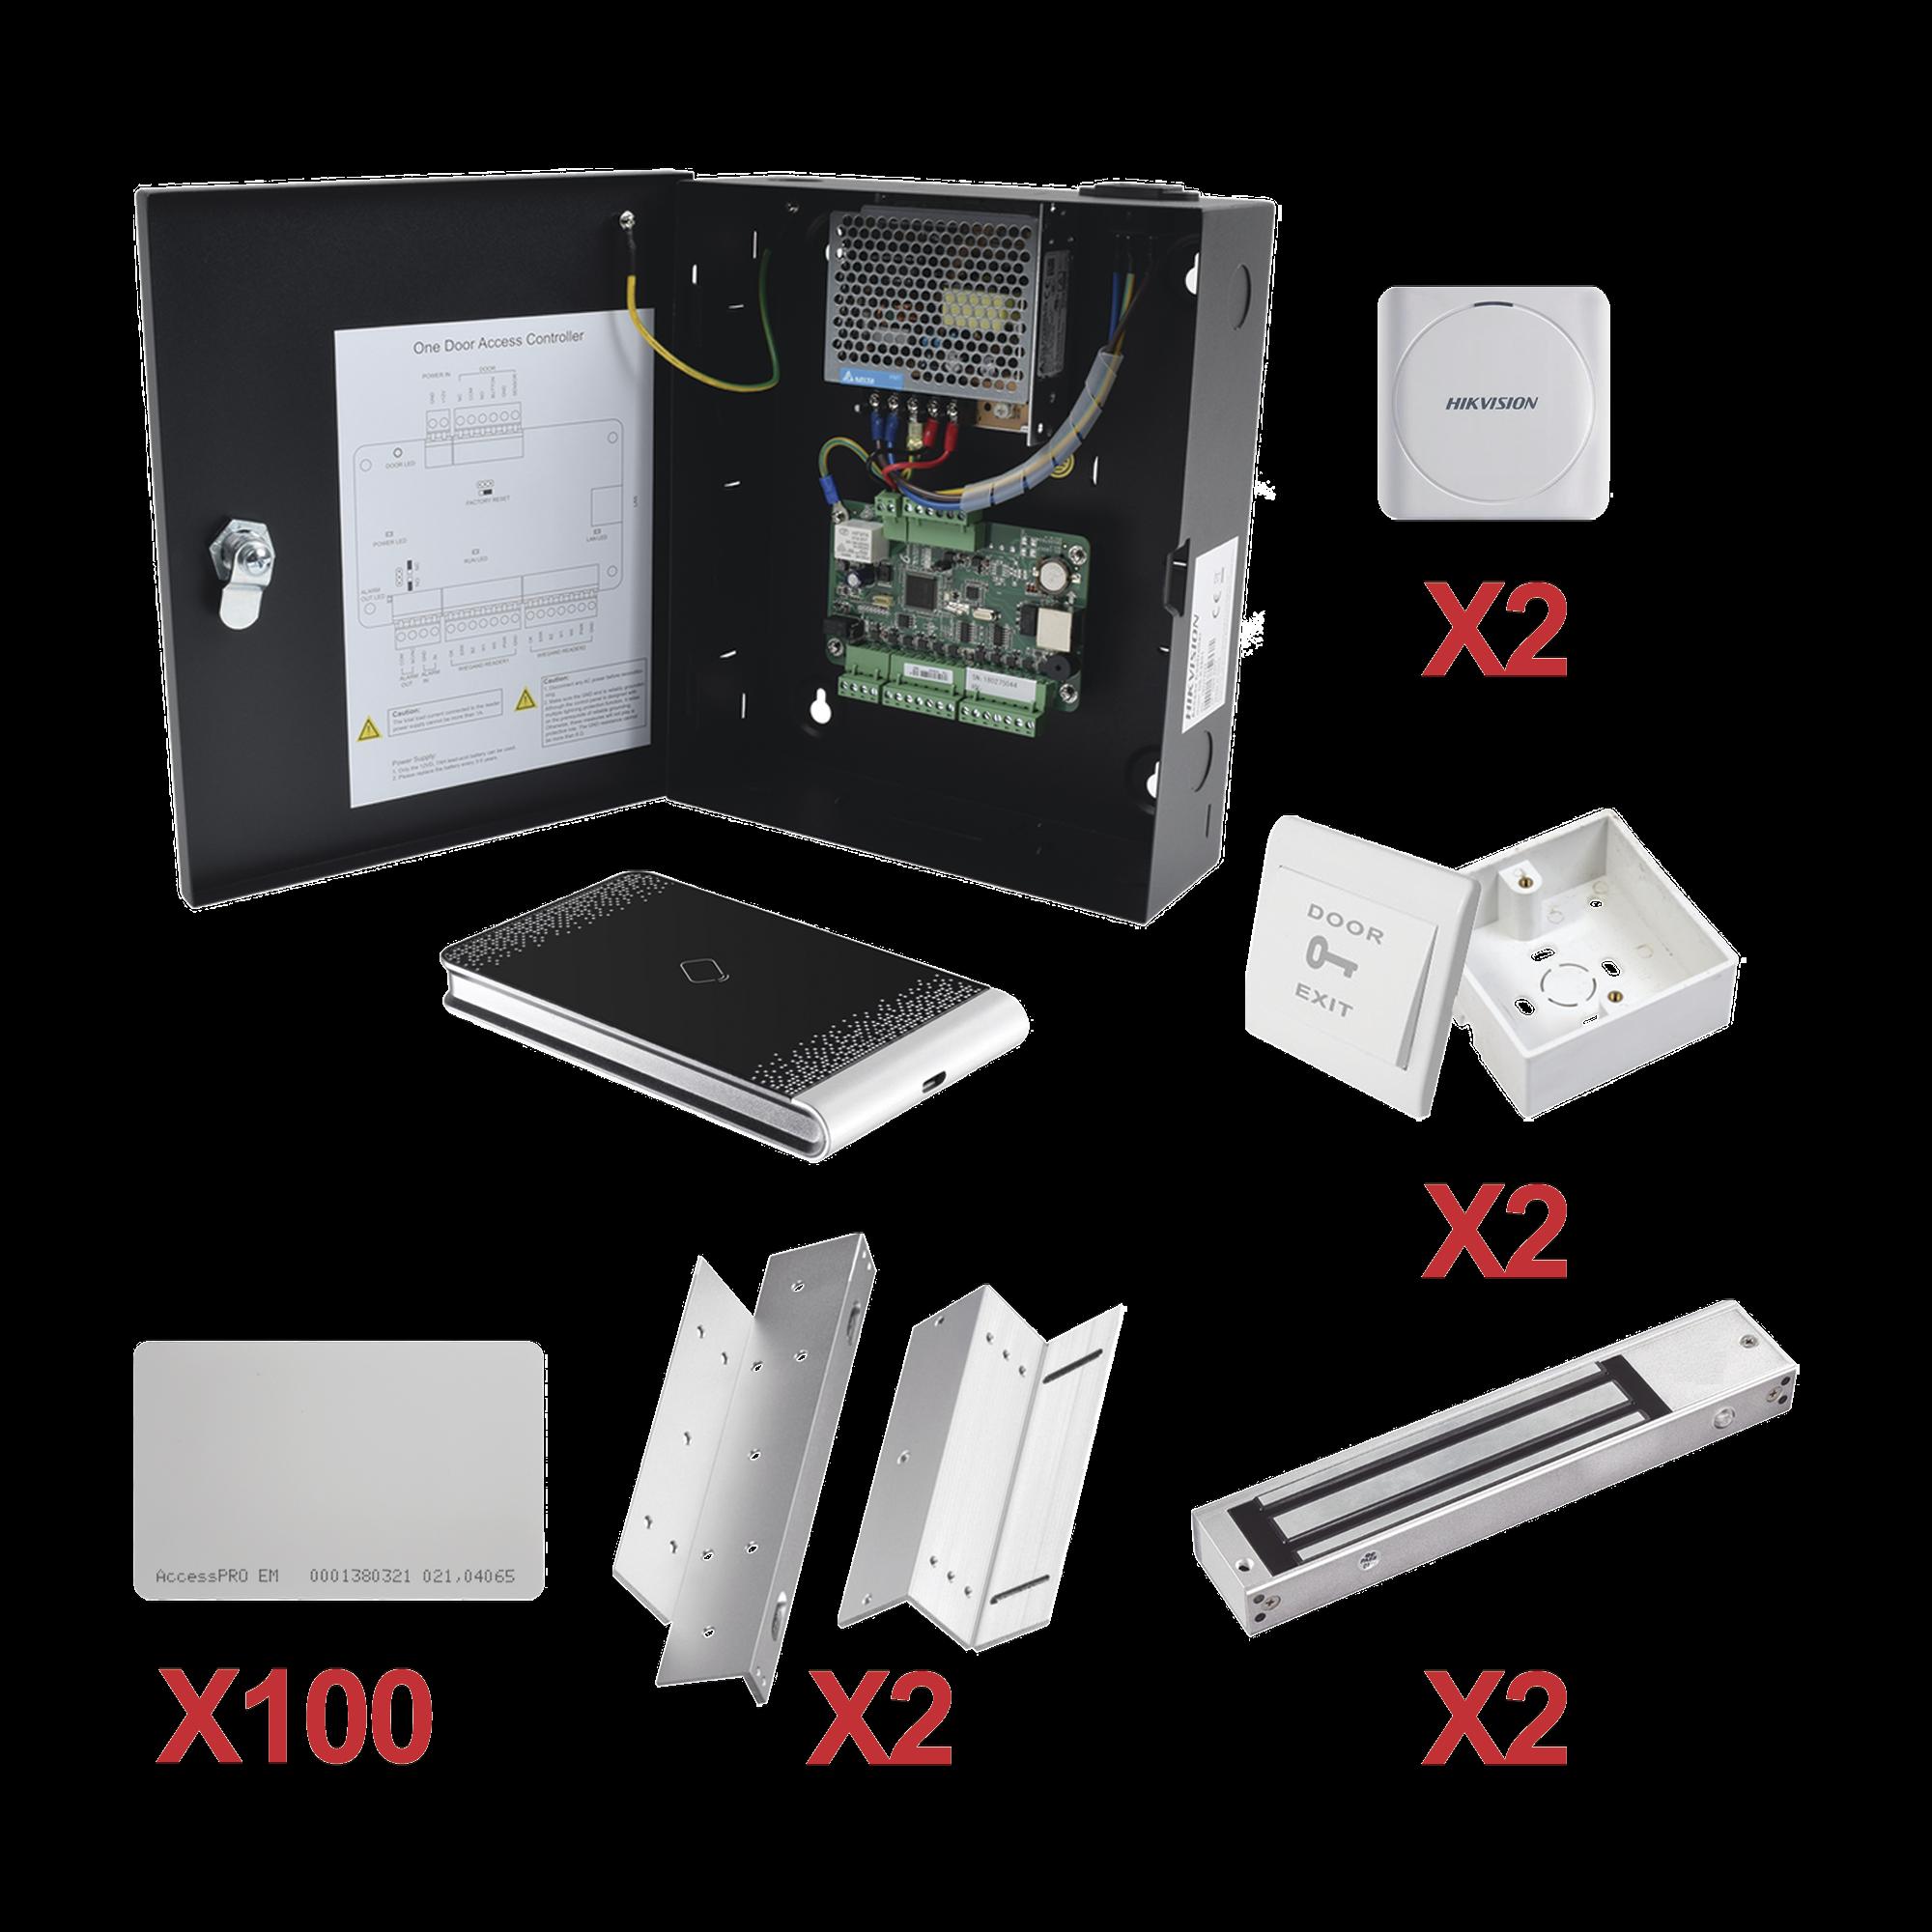 Kit de Control de Acceso con TARJETA para 2 Puertas   / TODO INCLUIDO / Software IVMS4200 incluido